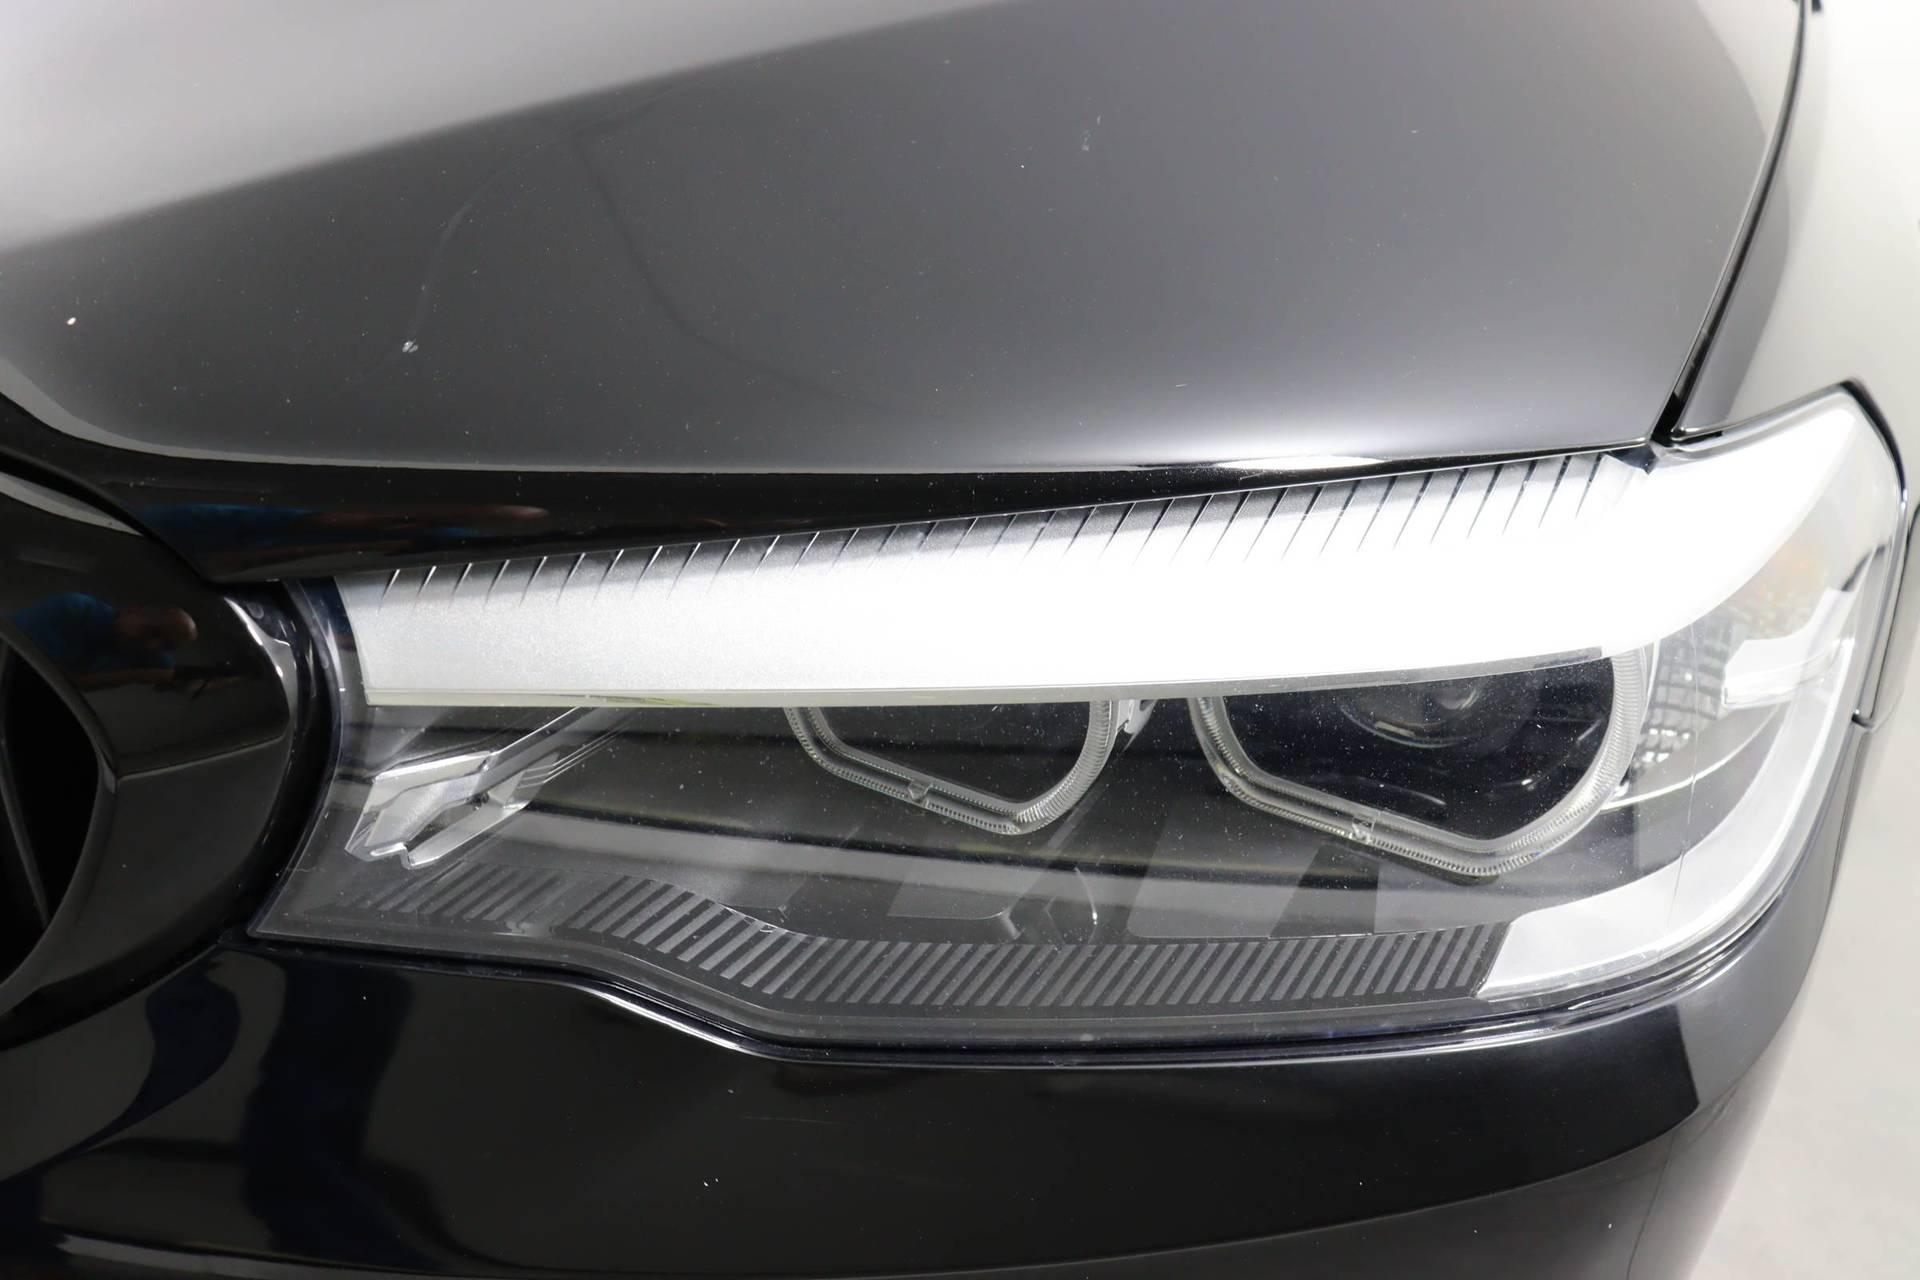 used vehicle - Sedan BMW 5 SERIES 2018